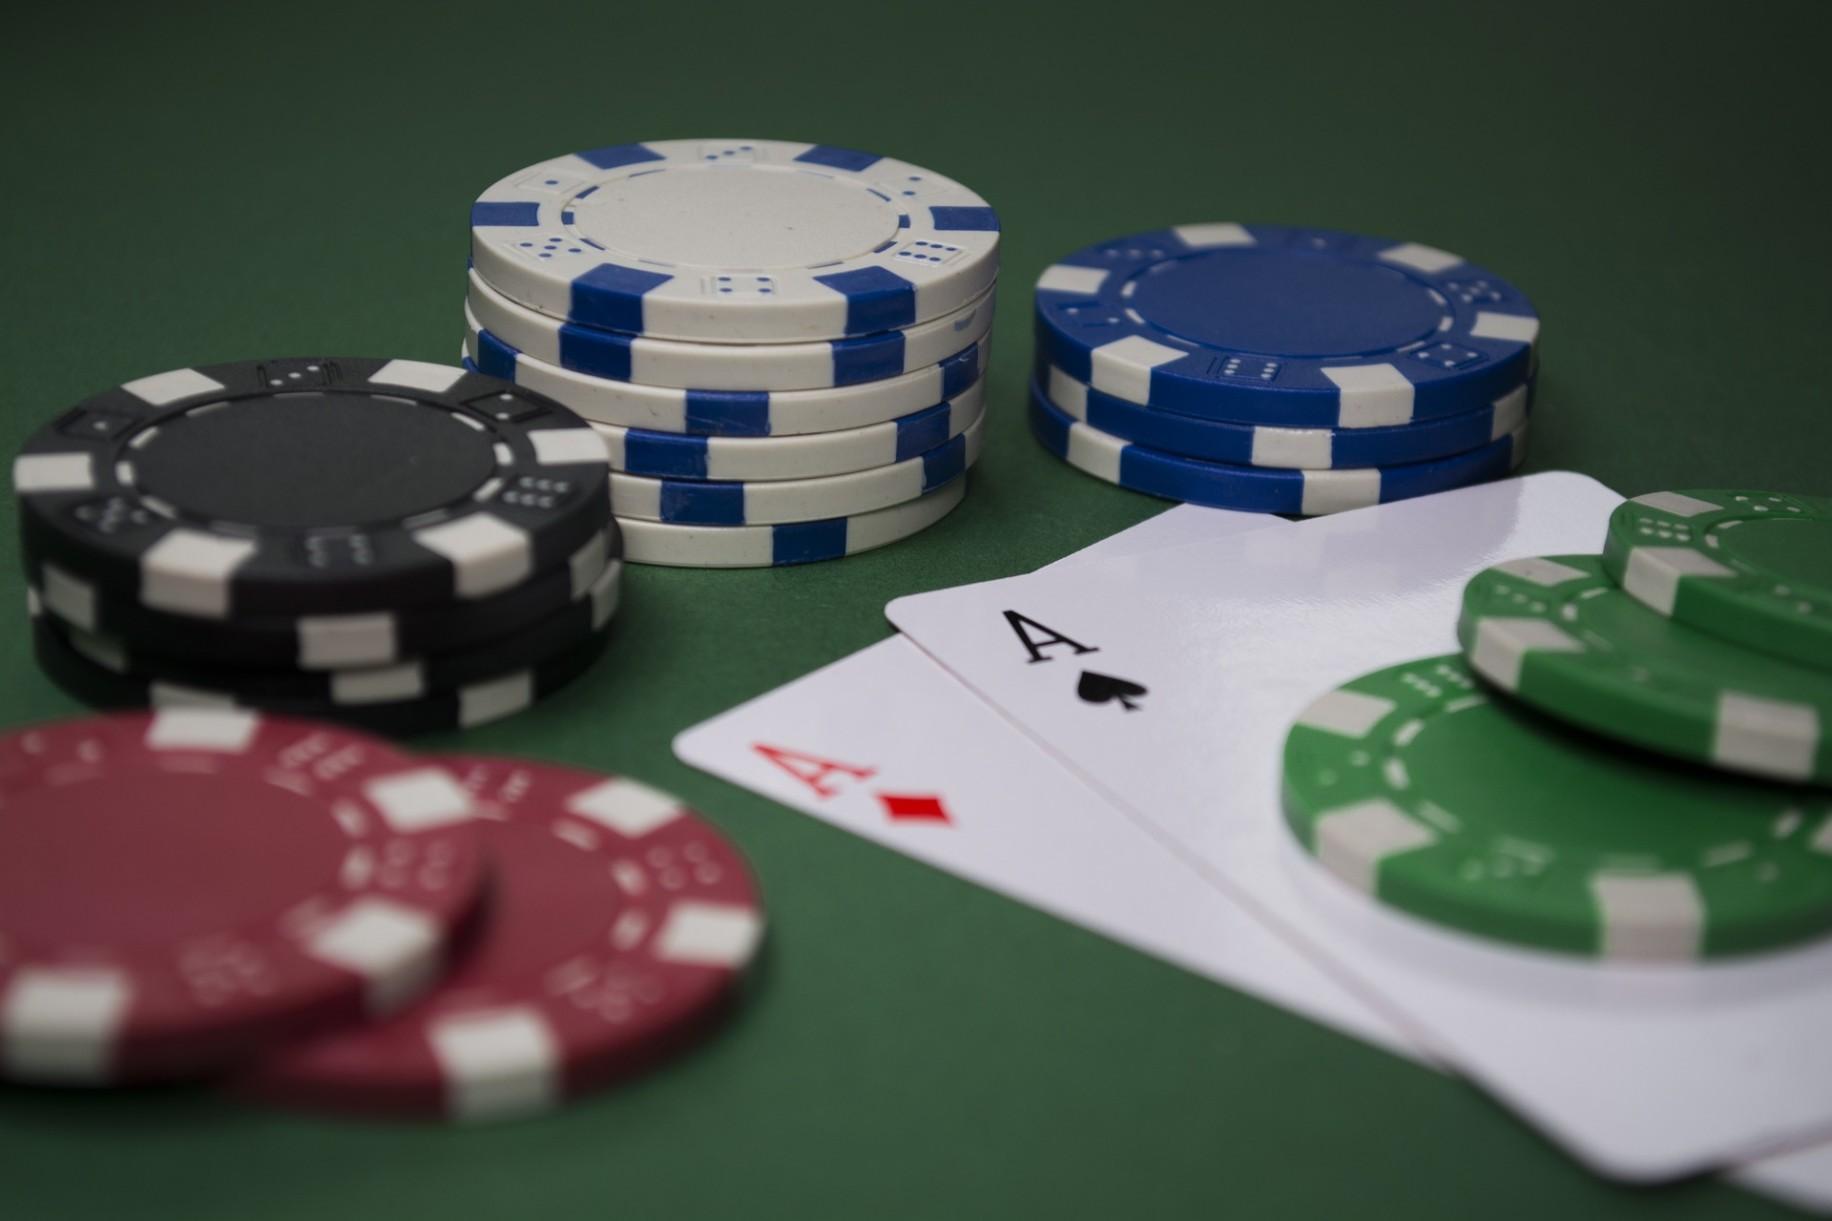 d&d gambling god